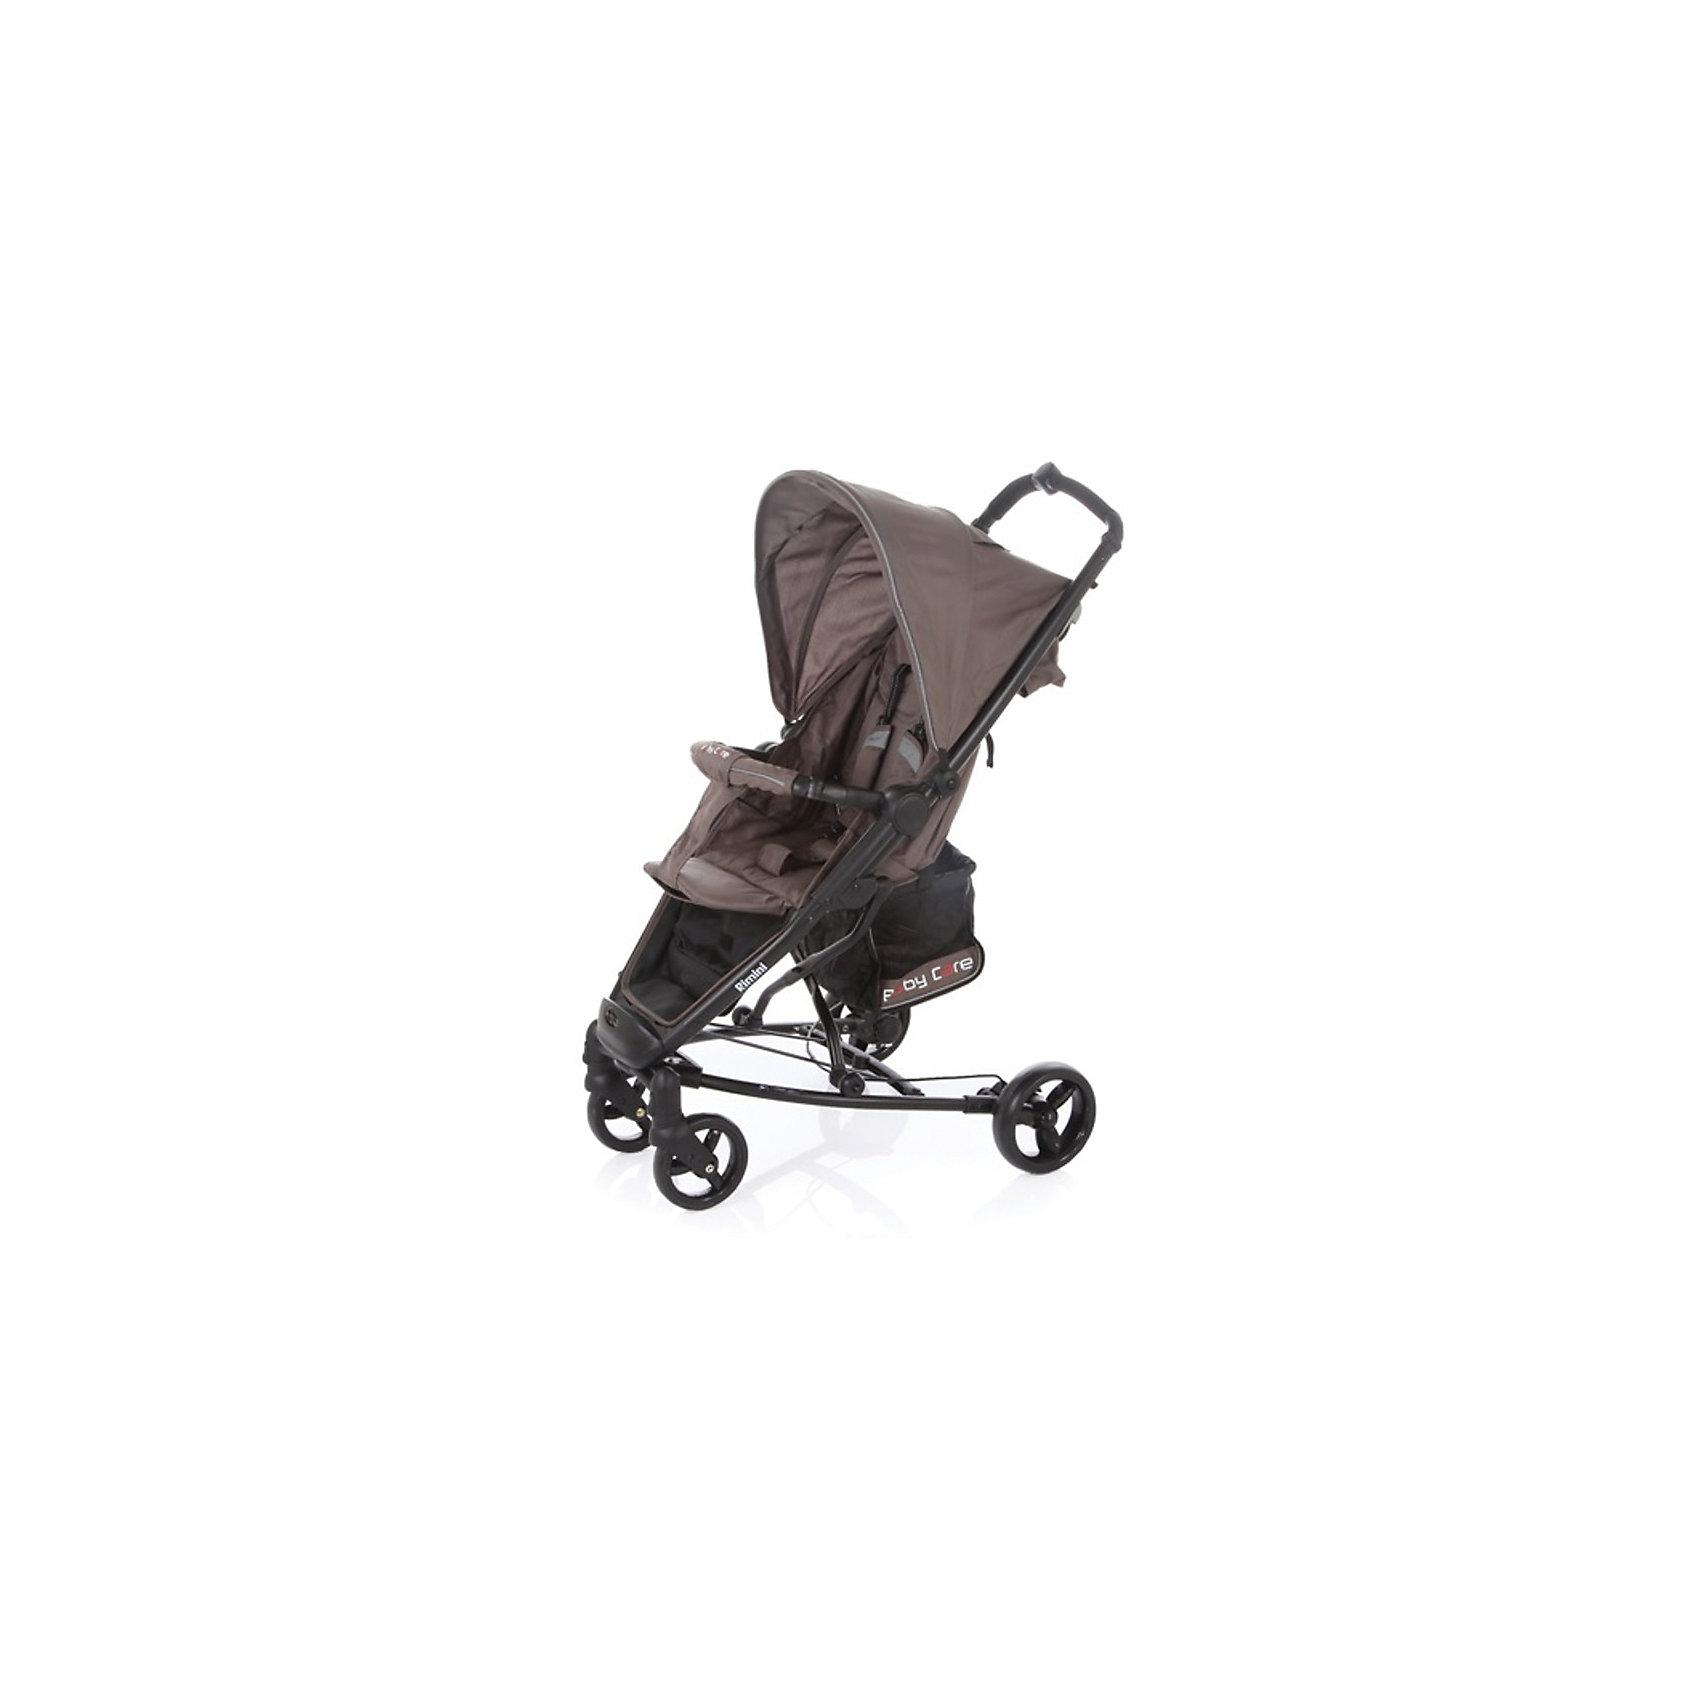 Прогулочная коляска Baby Care Rimini, кофейныйНедорогие коляски<br>Характеристики коляски:<br><br>• регулируется наклон спинки почти до горизонтального положения;<br>• регулируется подножка;<br>• 5-ти точечные ремни безопасности удерживают ребенка;<br>• имеется бампер с мягкой обивкой;<br>• капюшон оснащен смотровым окошком, имеется солнцезащитный козырек;<br>• чехол на ножки защищает от ветра и непогоды;<br>• передние плавающие колеса с фиксацией;<br>• ножной барабанный тормоз на тросике;<br>• тип складывания: книжка;<br>• предусмотрена защита от случайного раскладывания;<br>• материал рамы: алюминий.<br><br>Размер коляски: 51х82х102 см<br>Размер в сложенном виде: 32х75х44 см<br>Длина спального места: 73 см<br>Ширина сиденья: 30 см<br>Диаметр колес: 15 см, 17 см<br>Ширина колесной базы: 59 см<br>Размер корзины: 20х20х25 см<br>Вес коляски: 8,4 кг<br>Размер упаковки: 76х35х23 см<br>Вес в упаковке: 9,4 кг<br><br>Прогулочную коляску Rimini, Baby Care, цвет кофейный можно купить в нашем интернет-магазине.<br><br>Ширина мм: 760<br>Глубина мм: 230<br>Высота мм: 350<br>Вес г: 9400<br>Возраст от месяцев: 6<br>Возраст до месяцев: 48<br>Пол: Унисекс<br>Возраст: Детский<br>SKU: 5513640